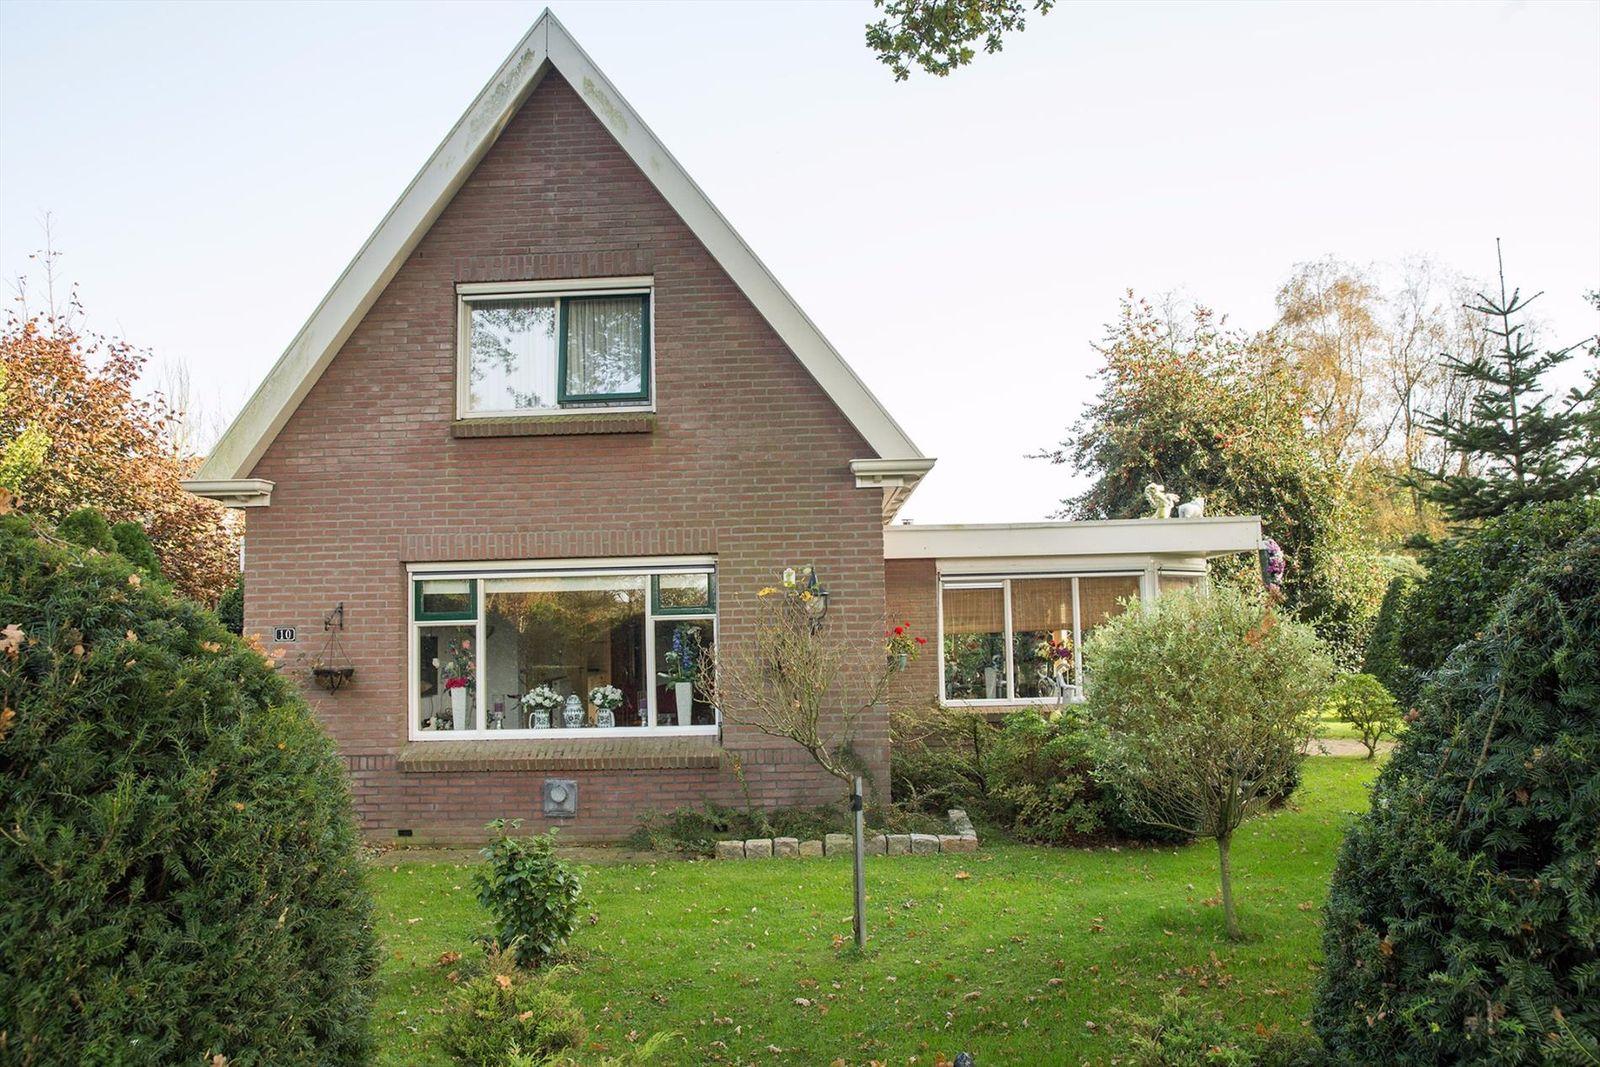 Dordseweg 10, Nieuw-Schoonebeek